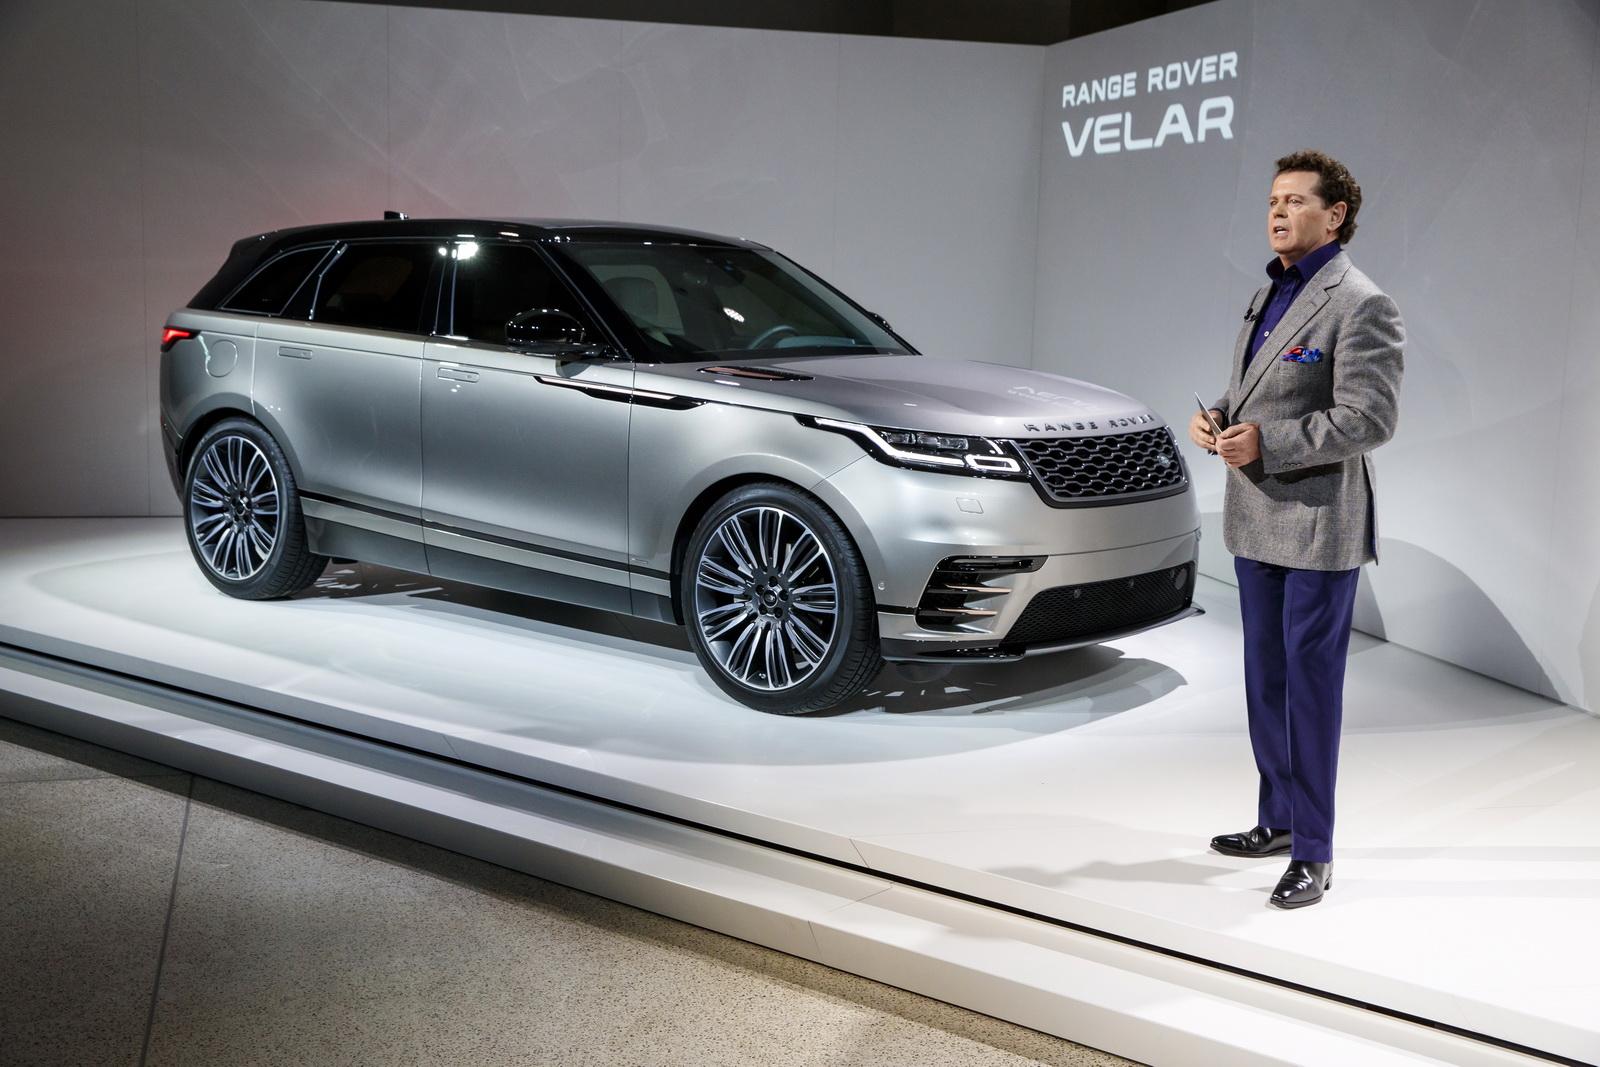 Range Rover Velar in Geneva 2017 (34)